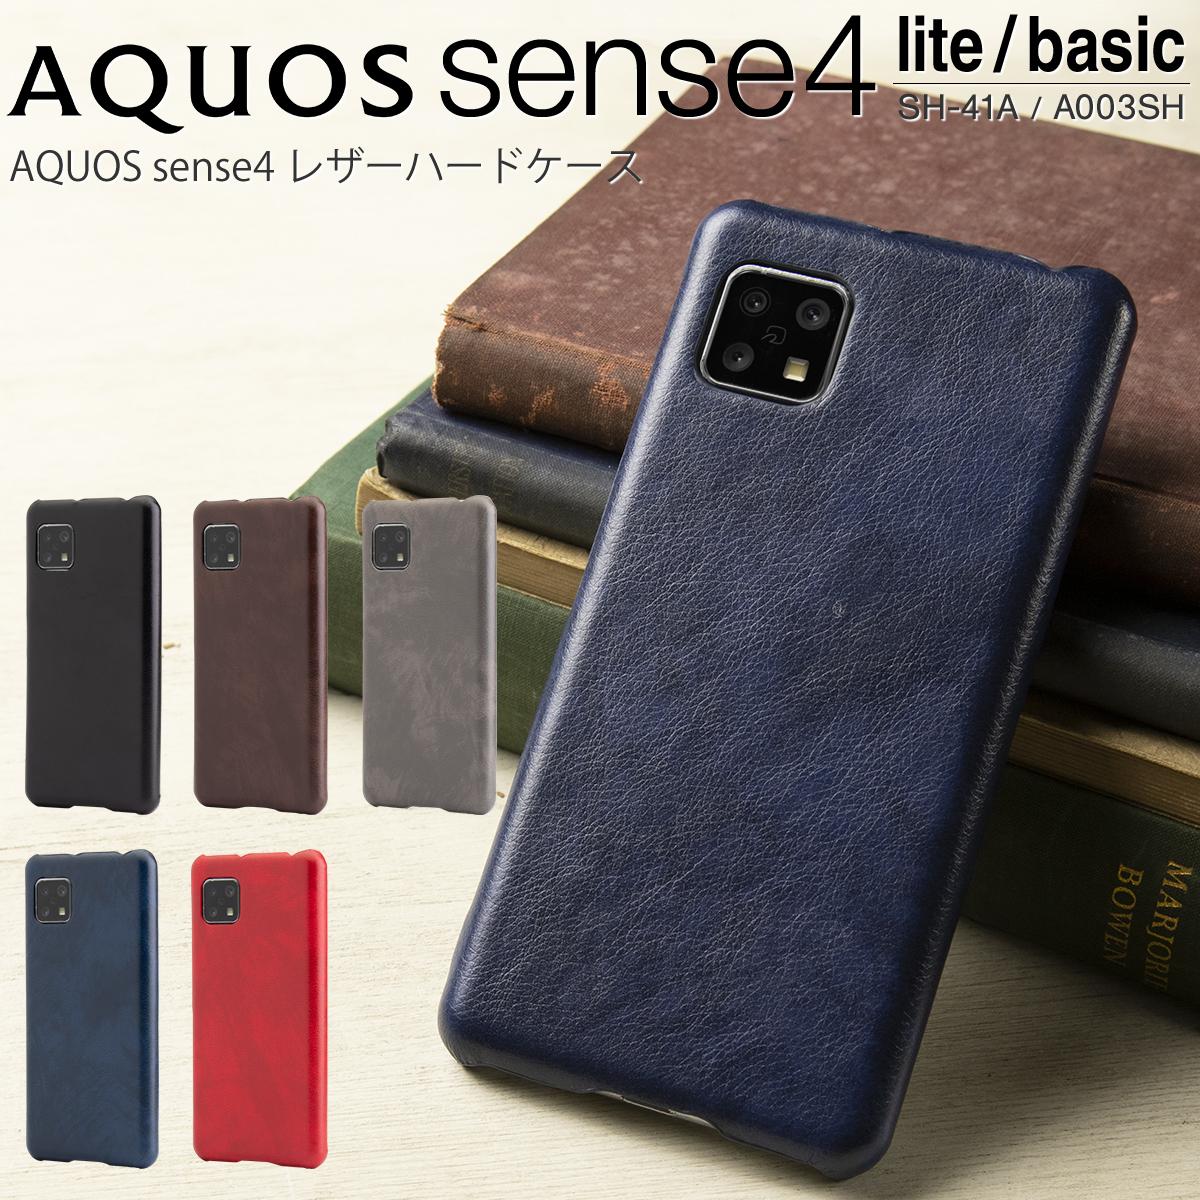 メール便送料無料 AQUOS sense4 SH-41A 割引も実施中 basic 再入荷 予約販売 A003SH lite レザーハードケース sense5G ケース スマホケース カバー スマホカバーおしゃれ レザー 革 センス4 おすすめ かわいい 合革 人気 韓国 かっこいい